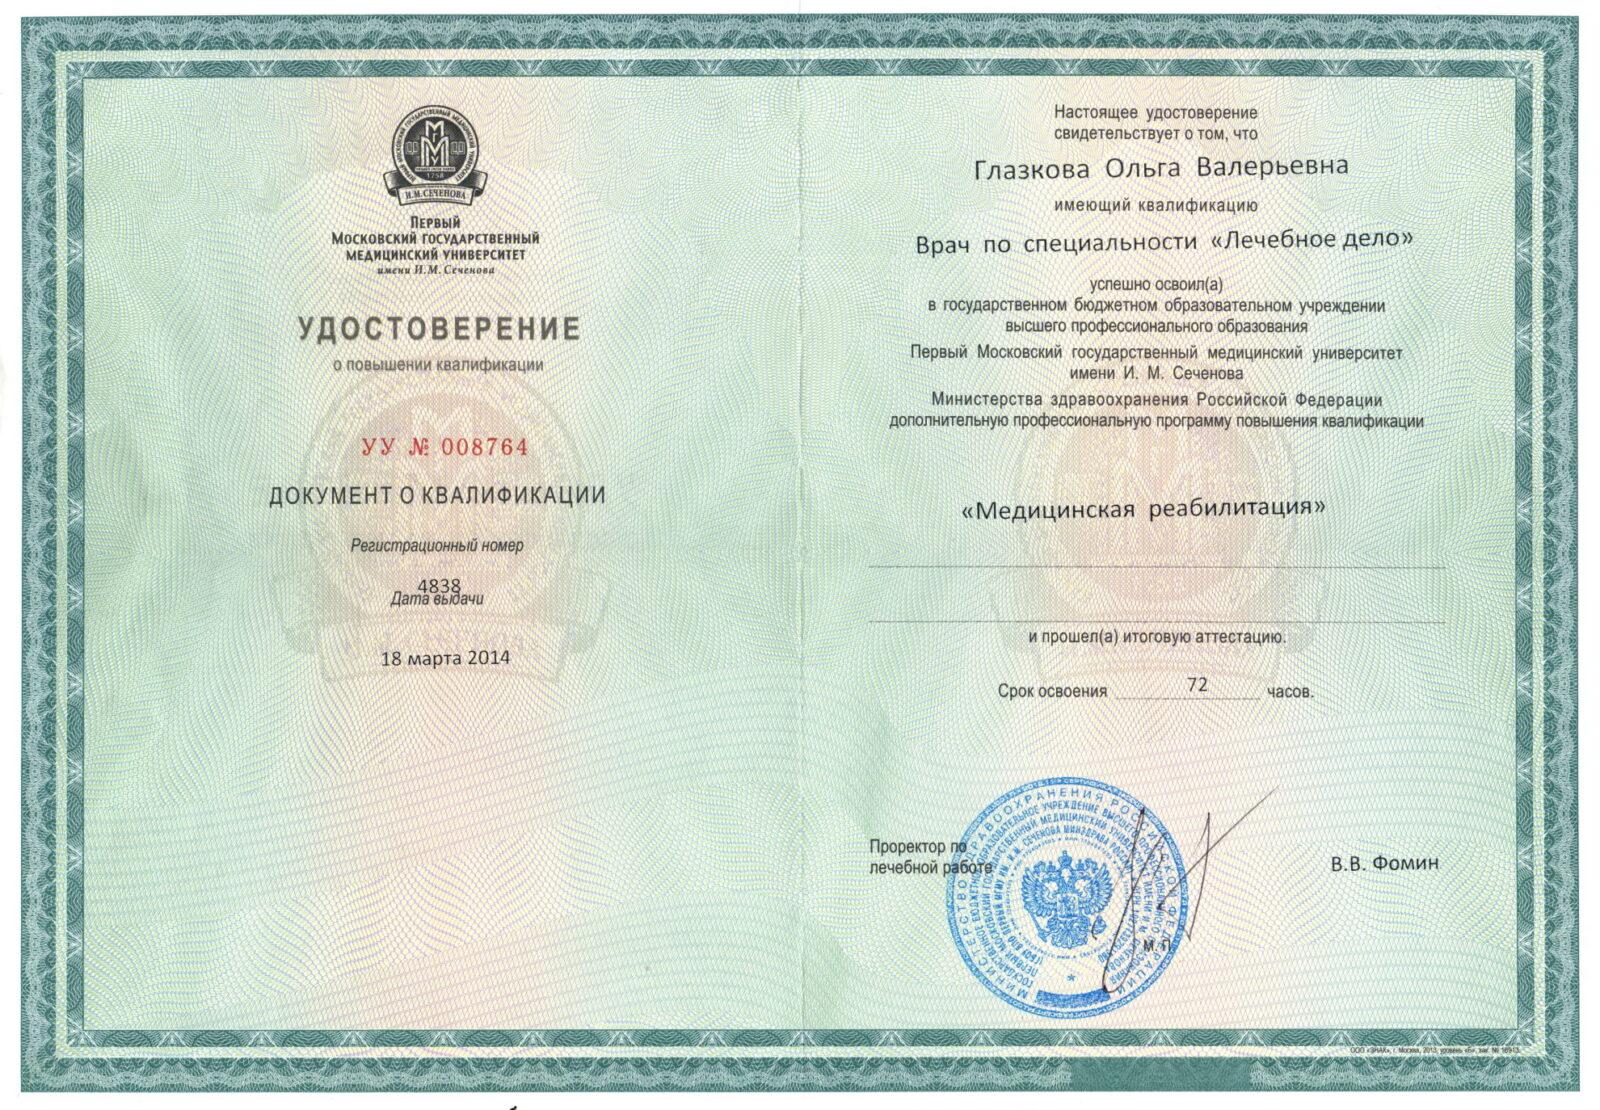 2014.03.18 Удостоверение